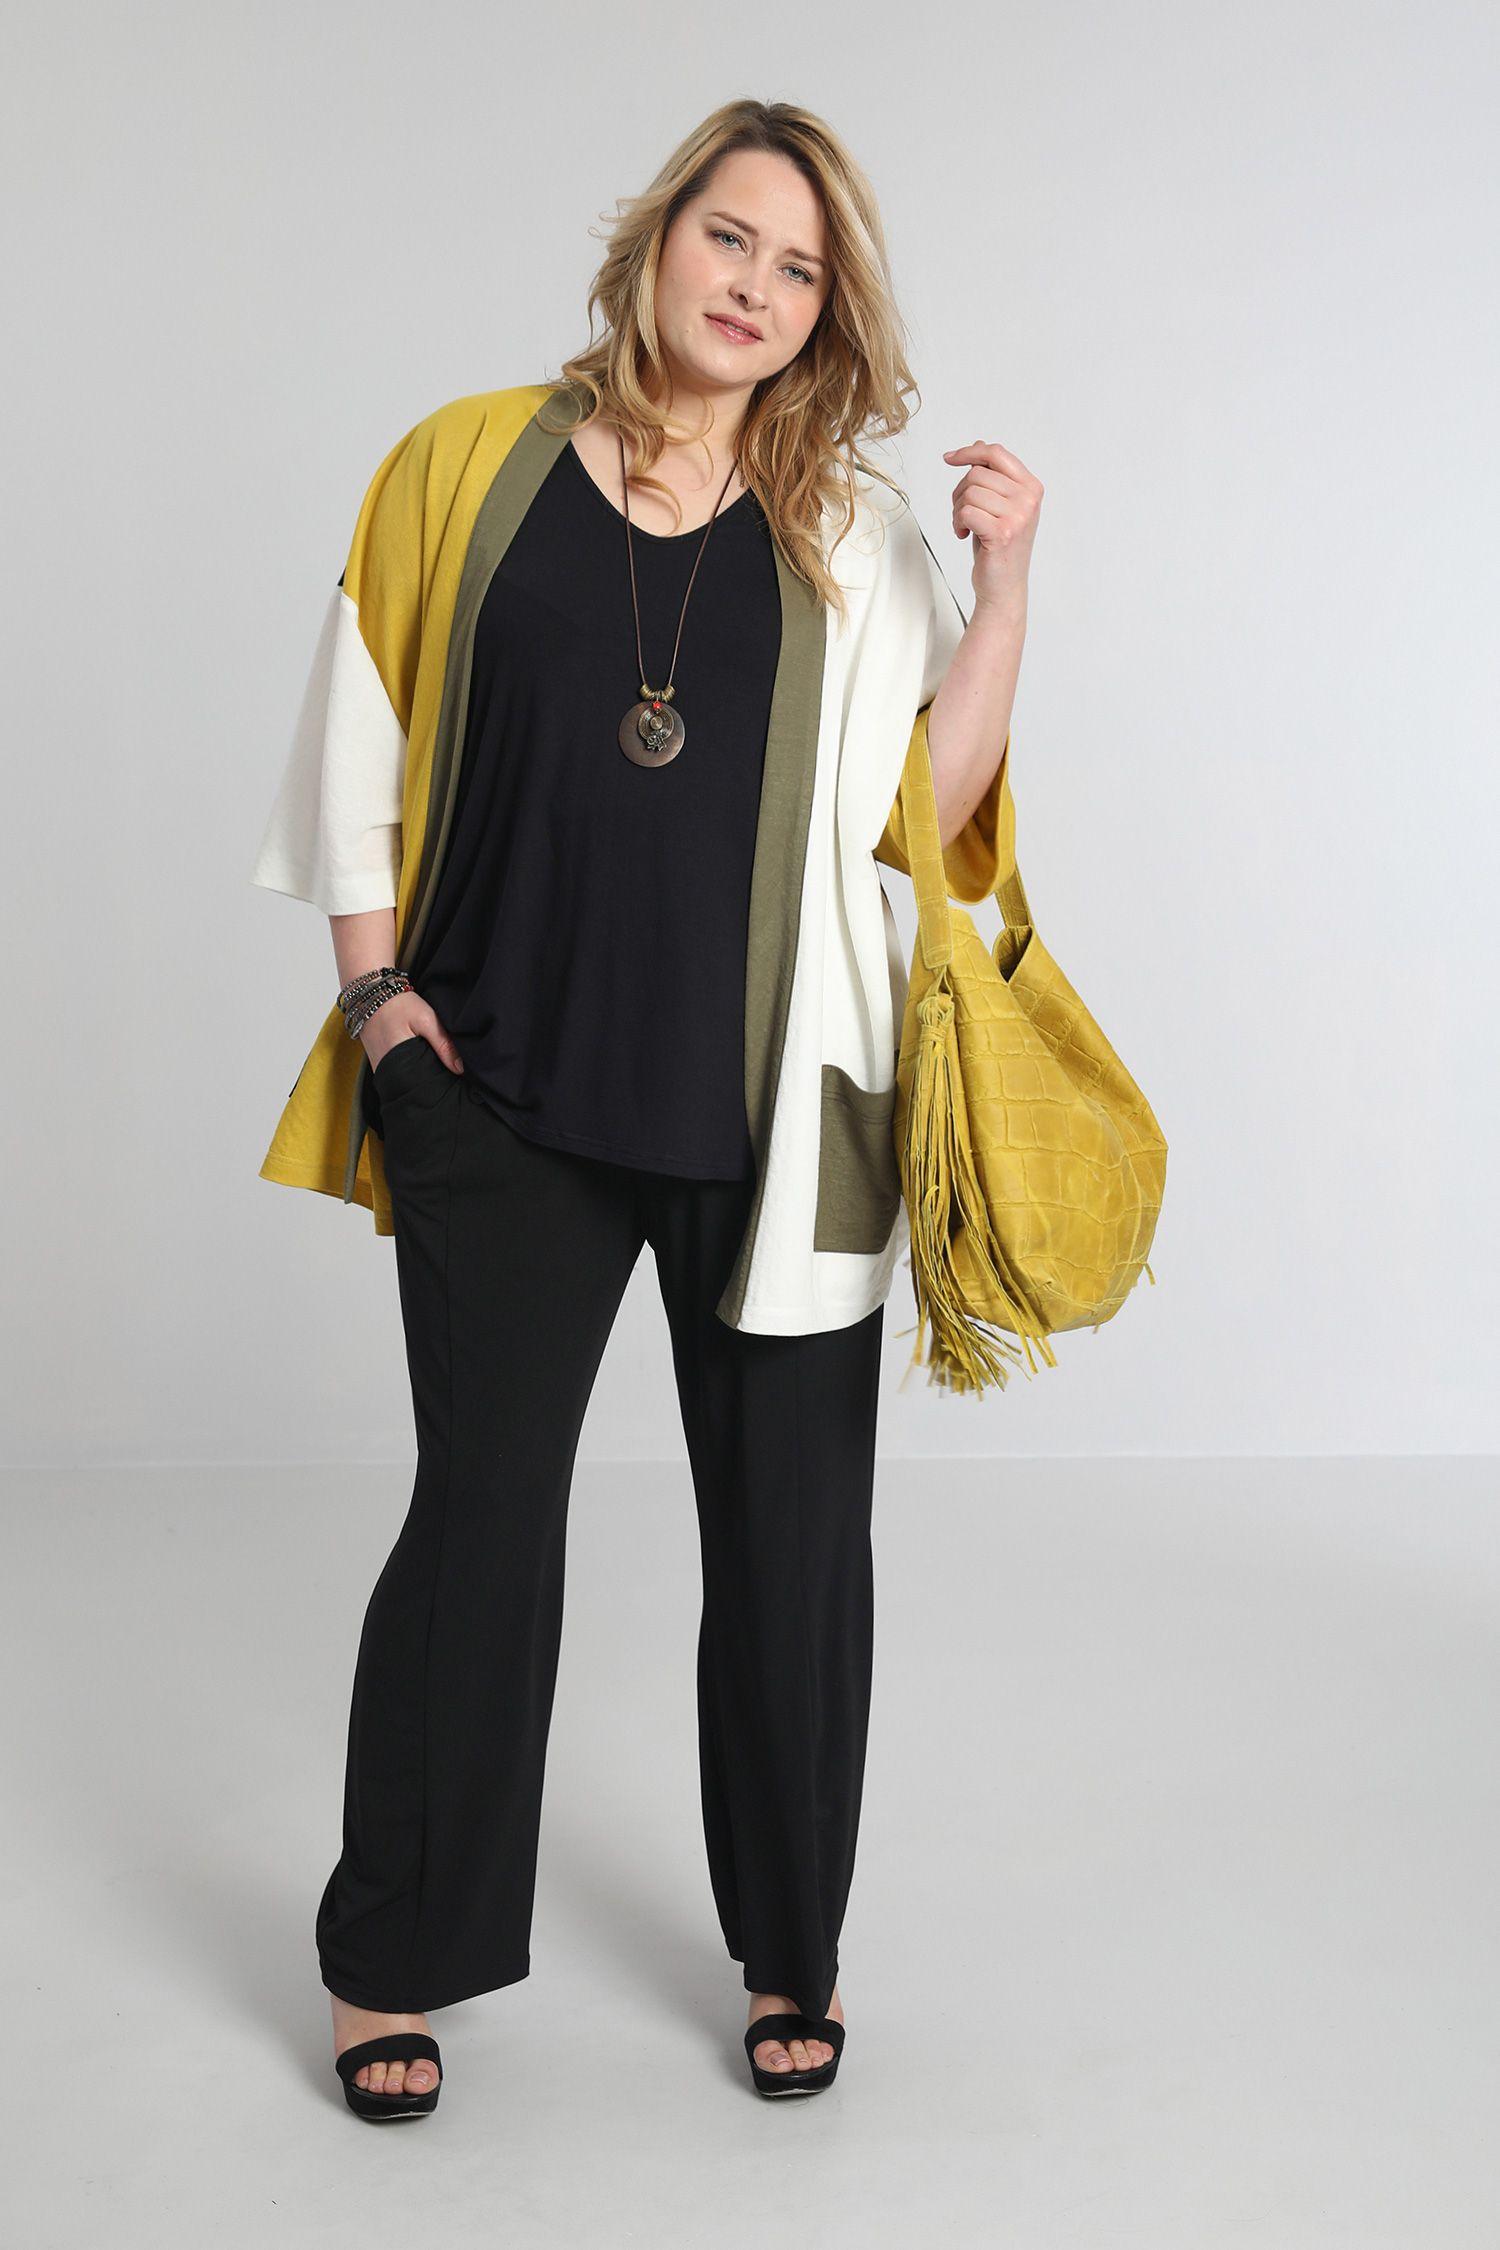 Tri-color kimono jacket